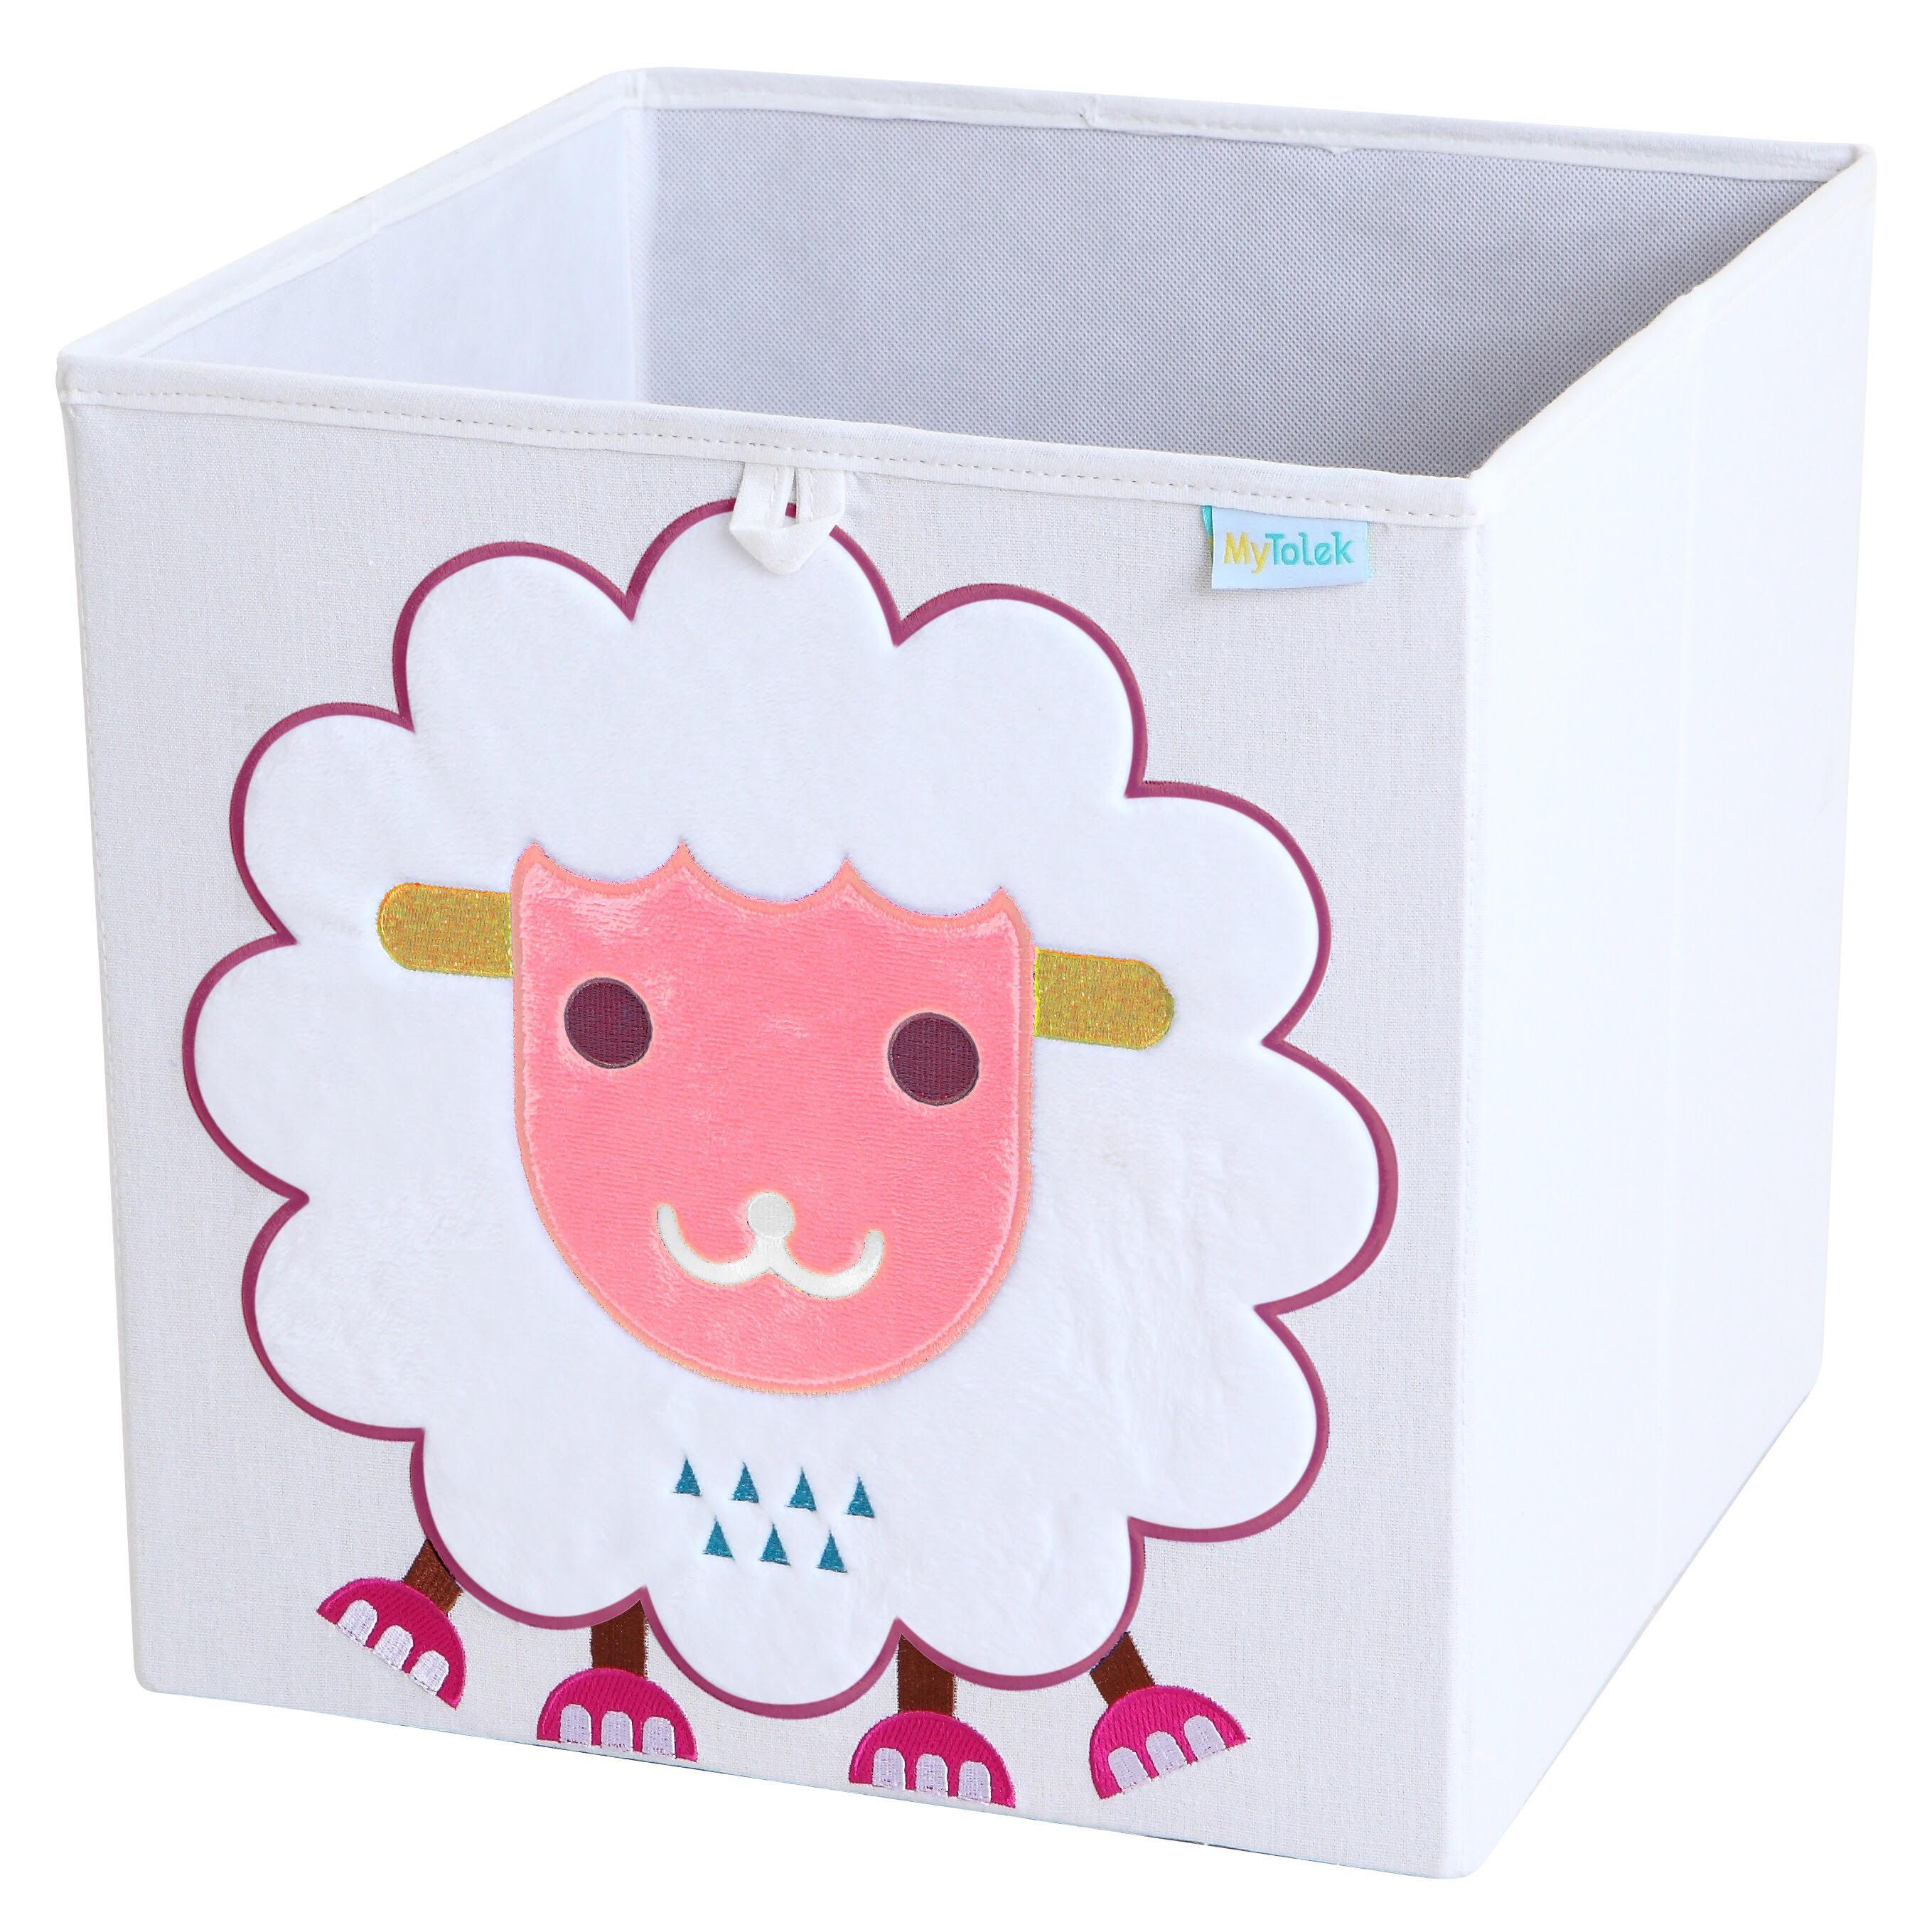 收納櫃 收納  收納箱 兒童收納 MyTolek 童樂可積木櫃&藏寶盒六件組(北歐風~木紋) 9